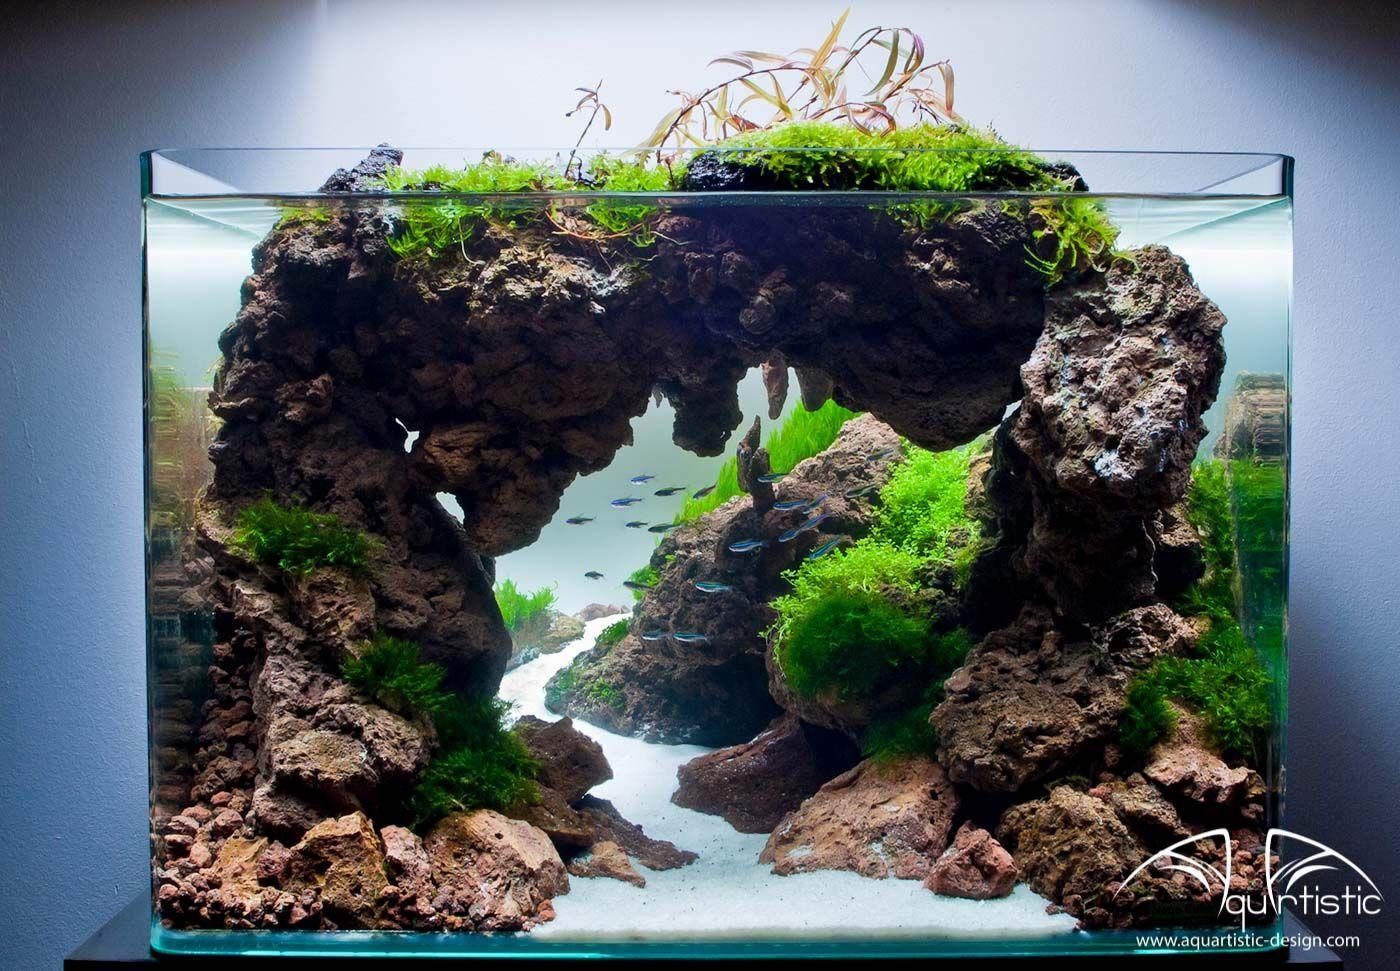 Landschaft   Planted aquarium, Déco aquarium, Aquarium nano